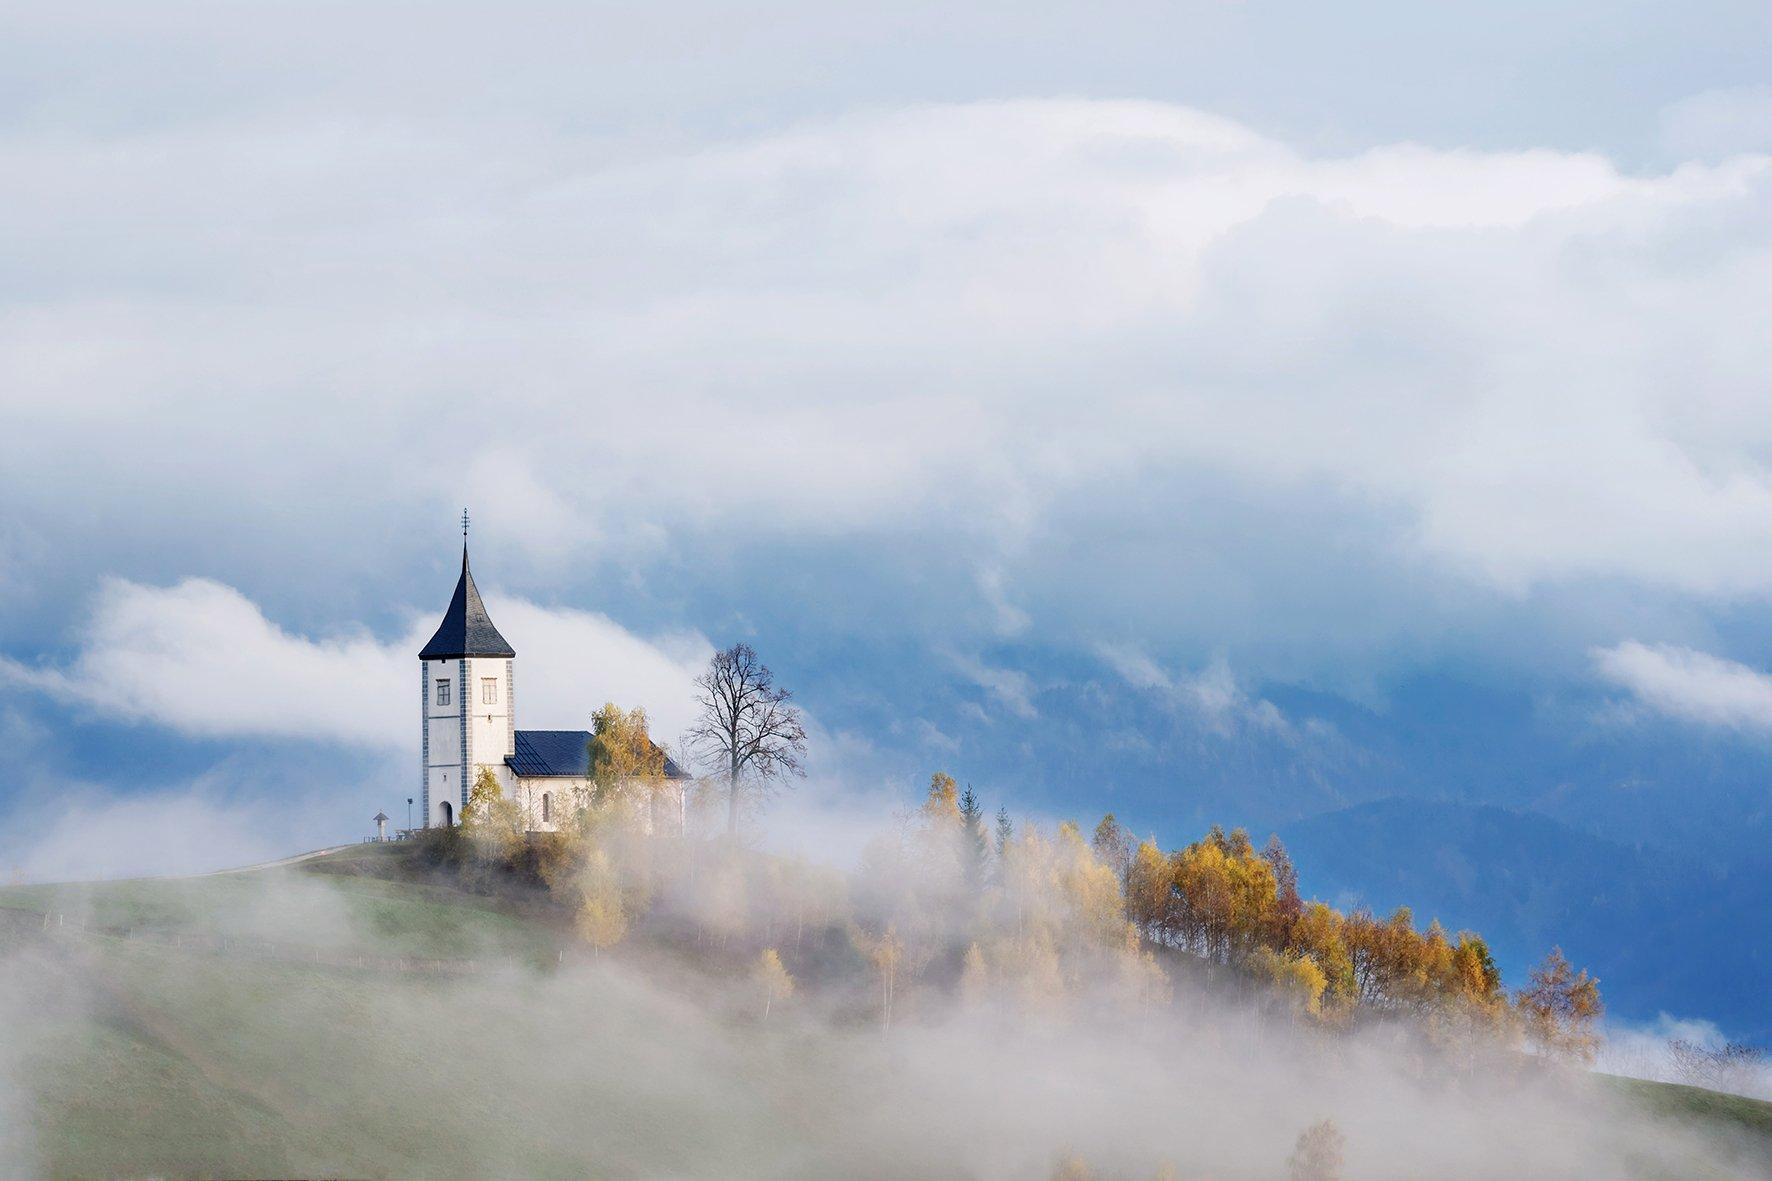 словения, slovenia, туманы словении, church, храмы словении, slovenia landscape, slovenia landscape photography, Татьяна Ефименко